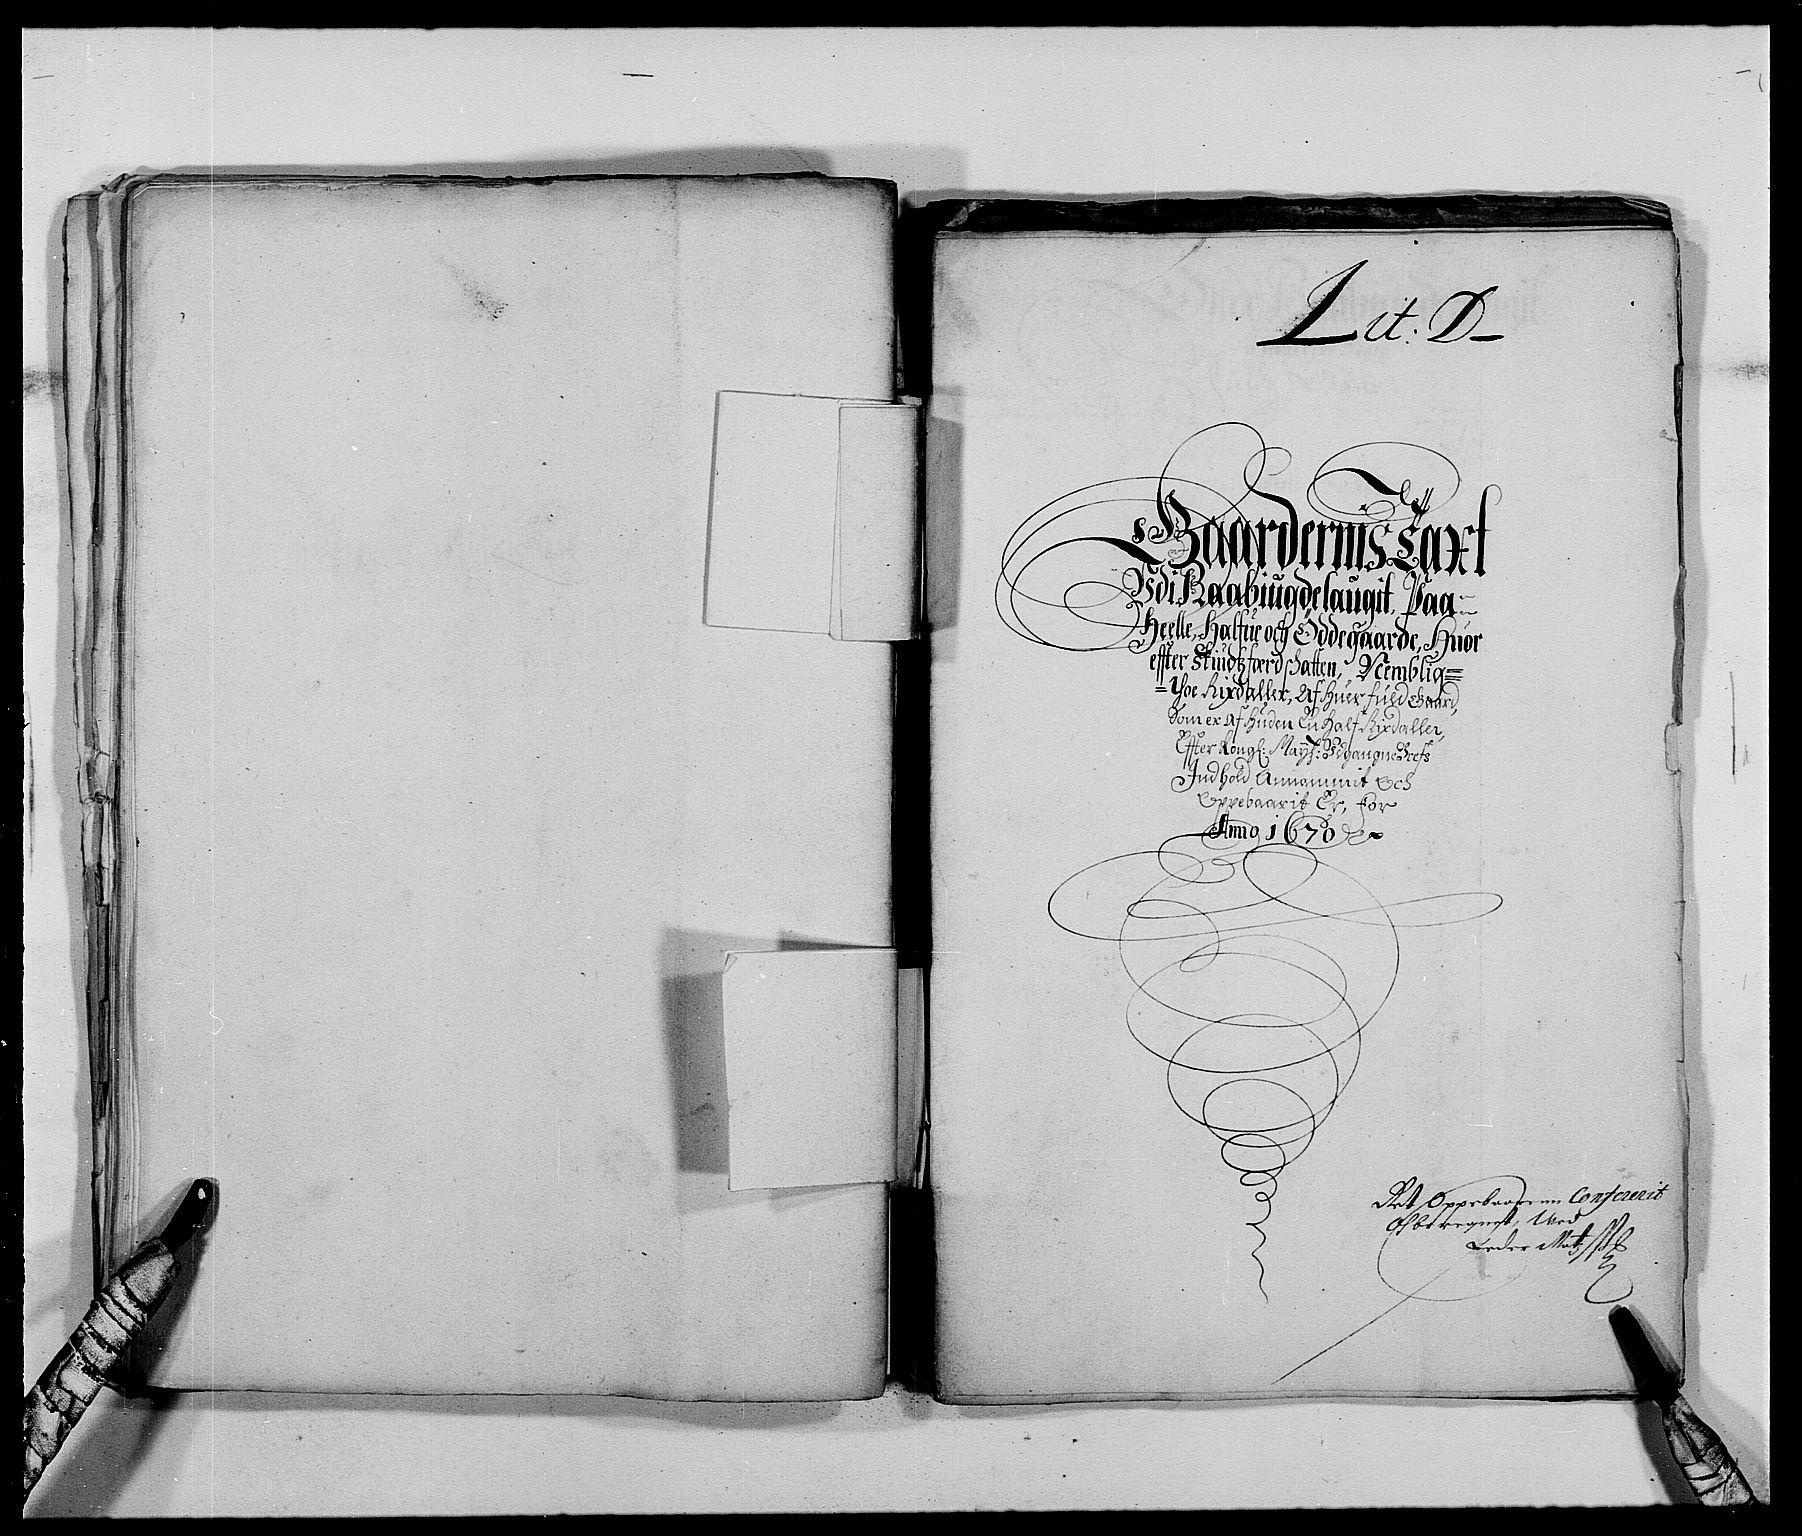 RA, Rentekammeret inntil 1814, Reviderte regnskaper, Fogderegnskap, R40/L2432: Fogderegnskap Råbyggelag, 1669-1670, s. 174